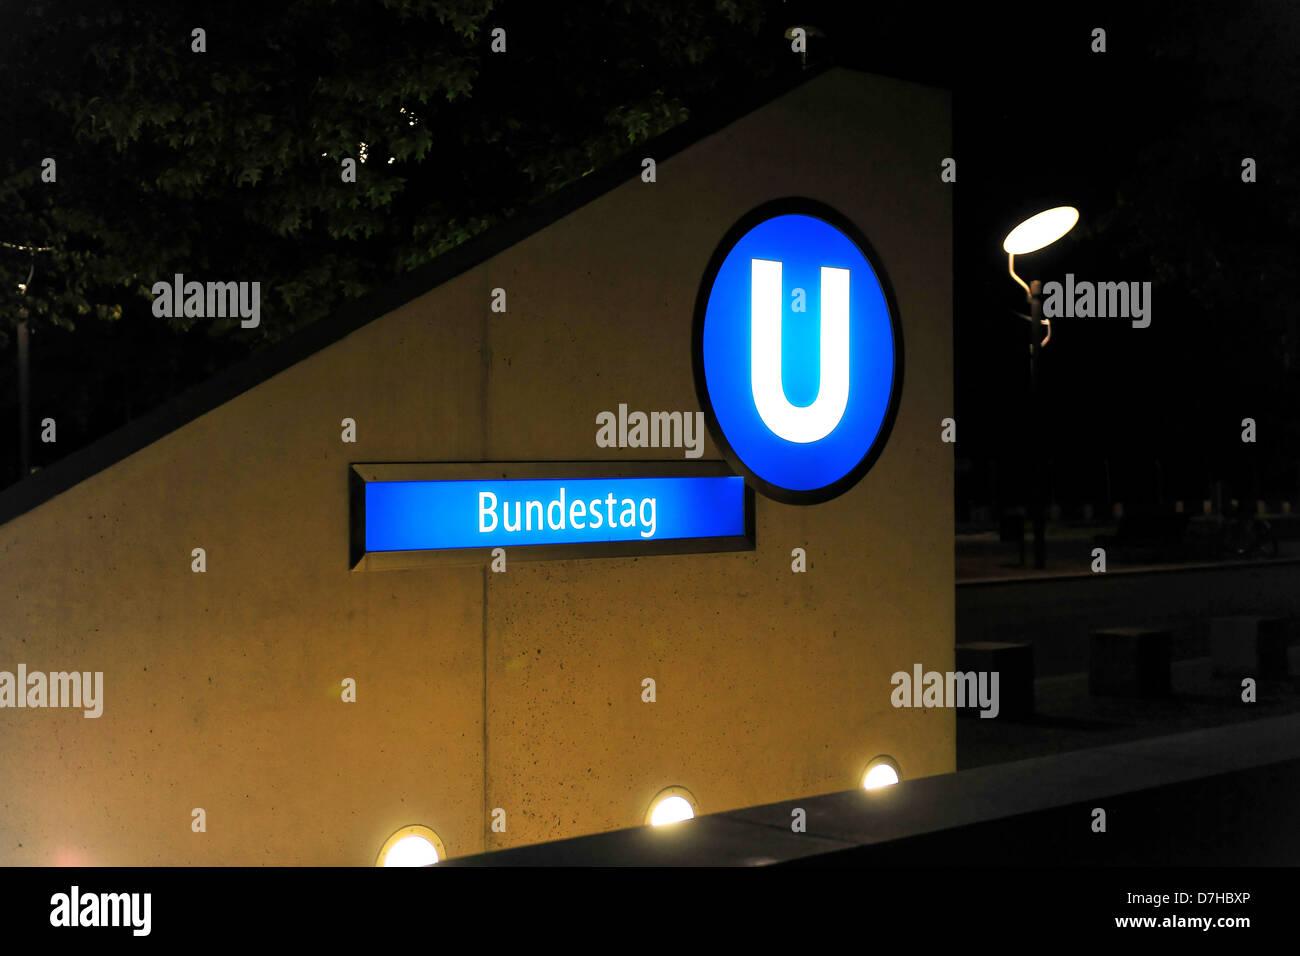 Underground station Bundestag in Berlin - Stock Image